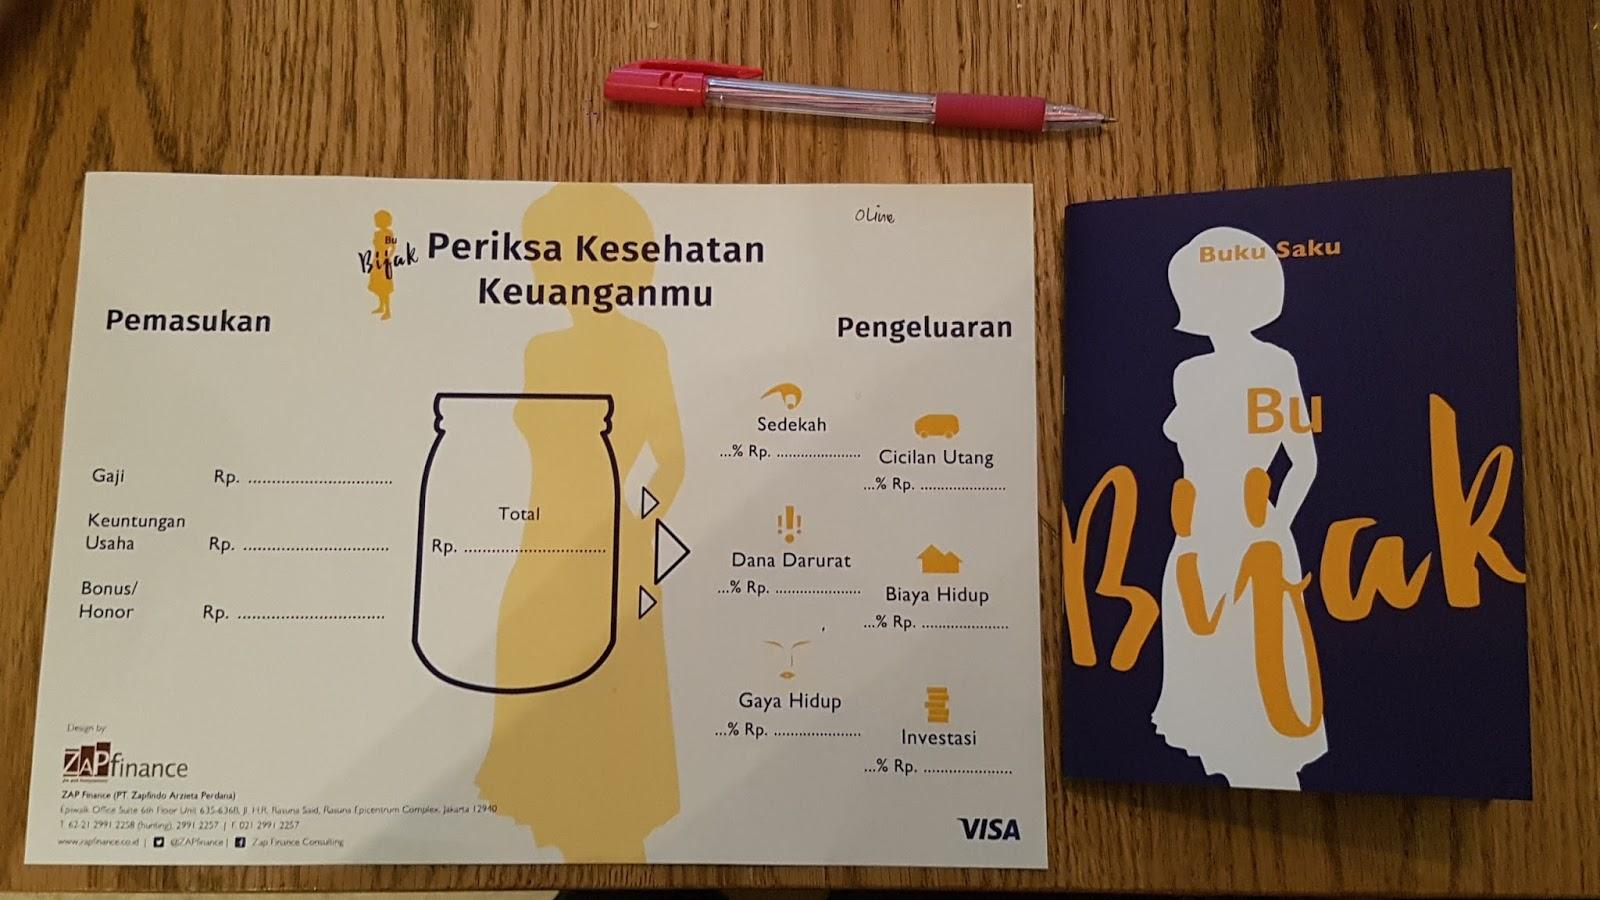 Belajar Jadi Ibu Bijak Bareng Prita Ghozie Dan Visa